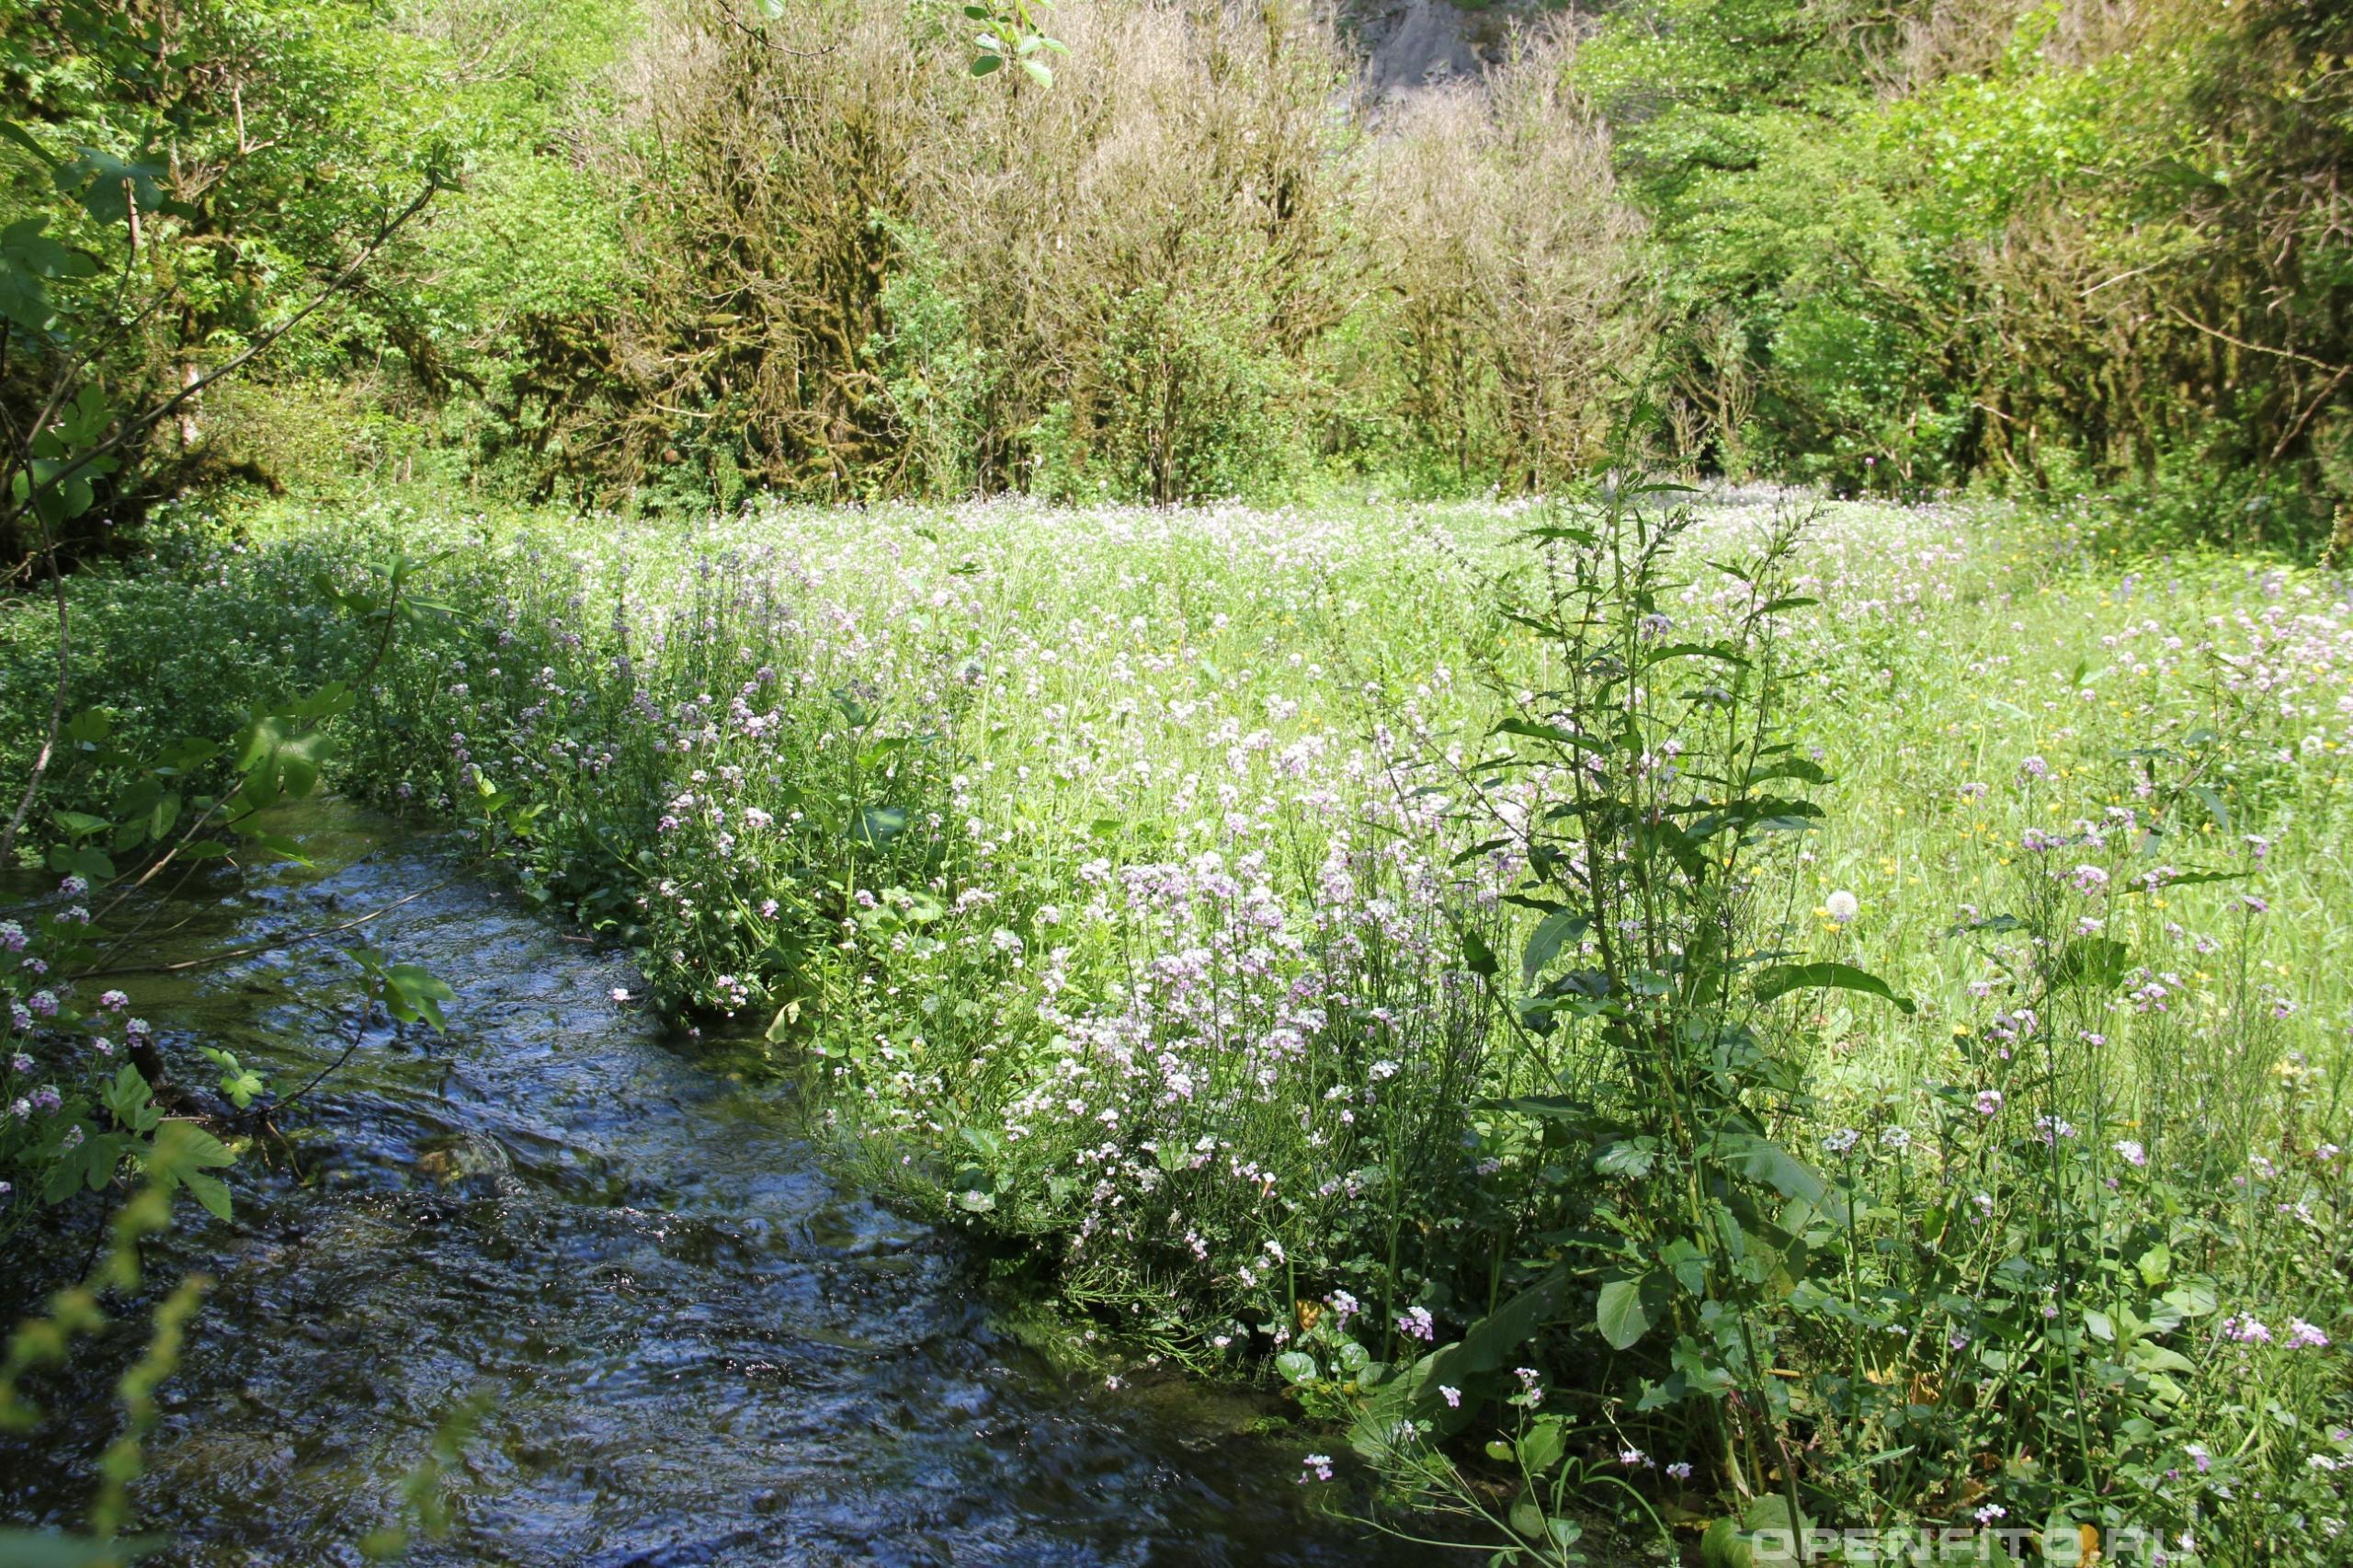 Сердечник Зейдлица заросли растения в предгорьях Кавказа